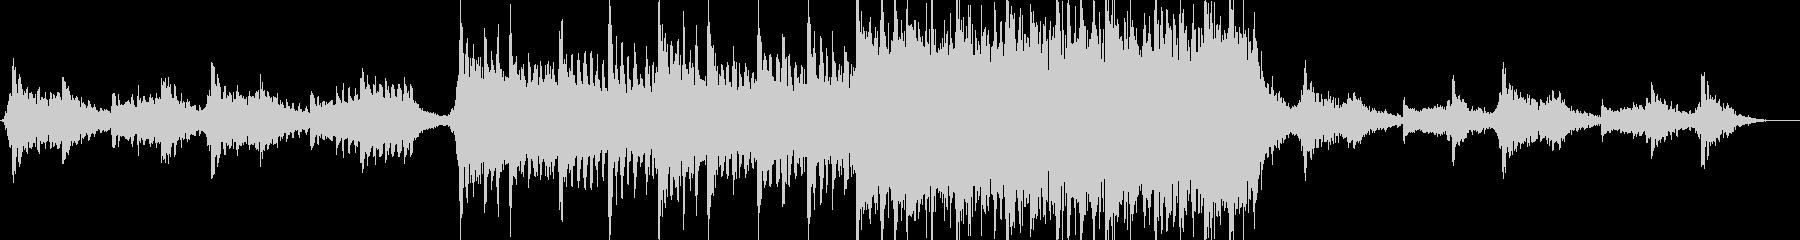 現代の交響曲 広い 壮大 神経質 ...の未再生の波形